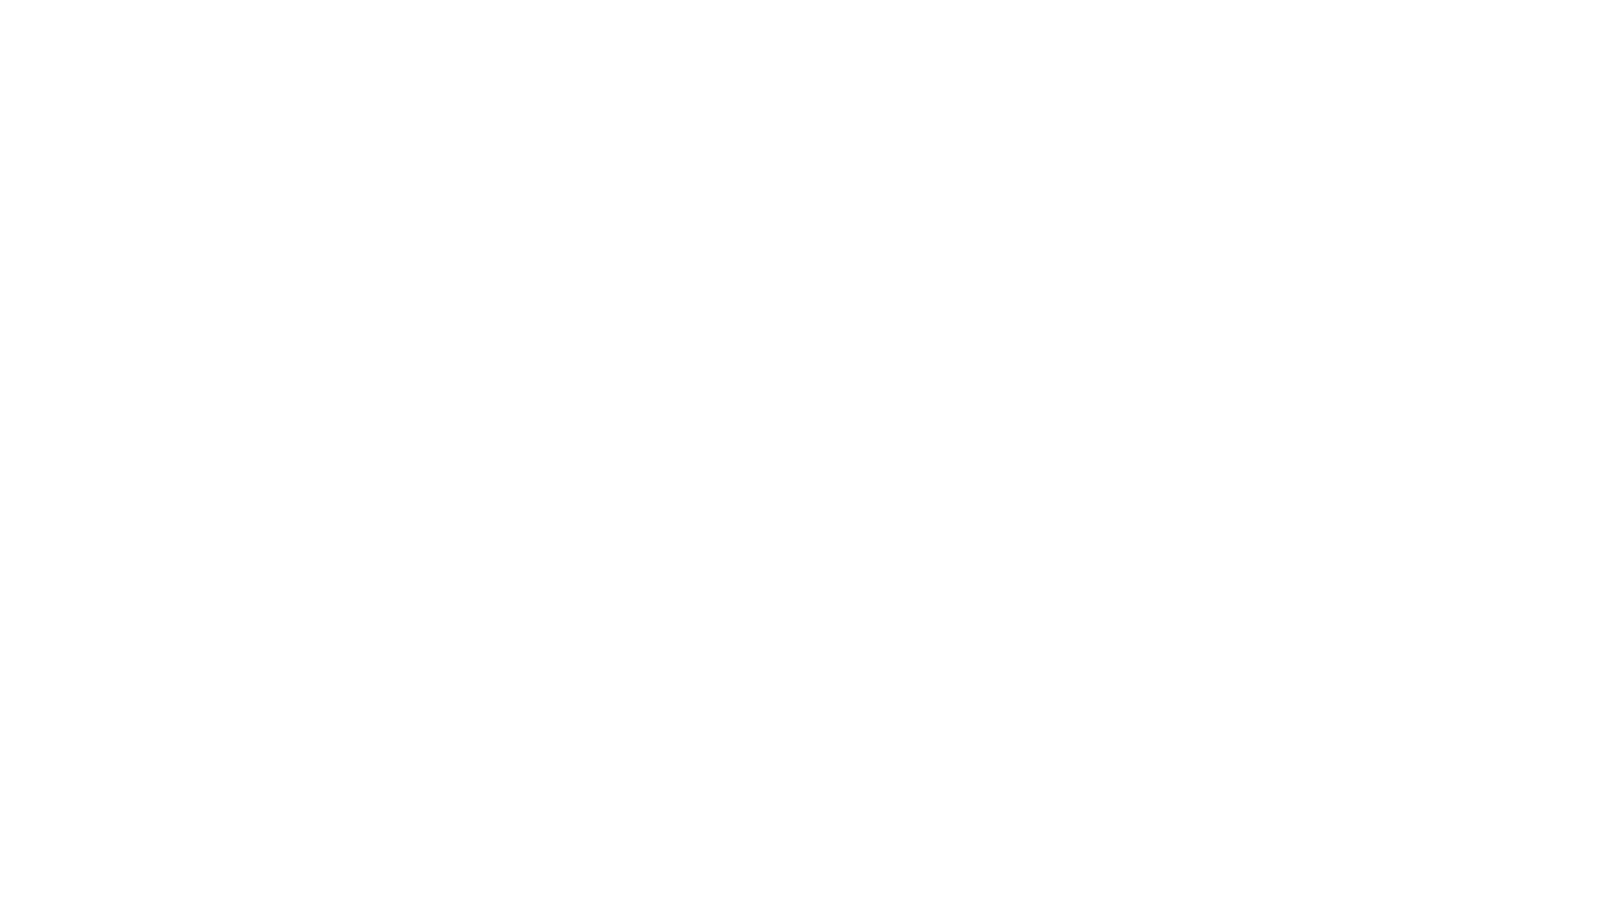 """COLLEZIONI NASCOSTE a cura di Simona Caramia, Anna Crocellà, Tania Bellini online dal 16 luglio 2021, ore 18.00  A cura di Simona Caramia, Anna Crocellà, Tania Bellini, Collezioni nascoste accoglie opere provenienti da collezioni private degli artisti che hanno partecipato alle tre edizioni di Ceilings, offrendo scorci condivisi di bellezza quotidiana, vista dai collezionisti e mostrata ai fruitori, accompagnati dalle voci degli artisti che raccontano brevemente le loro opere.  L'idea alla base della collettiva è quella di """"scoprire"""" opere che fanno parte di collezioni private, convinti che l'arte sia un bene collettivo di cui tutti debbano beneficiare e di cui è necessario fruire maggiormente proprio in un periodo in cui la mobilità globale è ridotta a causa dell'emergenza sanitaria in corso. E poiché il principio della condivisione è amplificato sulla rete, grazie alla collaborazione con artisti, collezionisti e galleristi, Collezioni nascoste riesce a trasmettere uno sguardo intimo – quello di chi fotografa l'opera nel contesto domestico nel quale ormai è collocata – per l'appunto condiviso con il pubblico del web.  I visitatori potranno """"entrare"""" in uno spazio virtuale e godere di spaccati esistenziali, al cui centro è collocata l'arte, ovvero le opere degli artisti: Caterina Arcuri, Tania Bellini, Gea Casolaro, Andrea Chiesi, Francesca Checchi, Giuseppe Ferrise, Michele Giangrande, Claudia Giannuli, Chiara Lecca, Veronica Montanino, Giuseppe Negro, Tommaso Palaia, Ilenia Pasqua, Francesca Pasquali, Luana Perilli, Maria Pia Picozza, Giuseppe Spatola, Zeroottouno. I diciotto contributi di artisti e collezionisti sono fruibili all'interno di un padiglione in 3D circolare e avvolgente, realizzato da Azzurra Critelli e Marianna Perri, studentesse dell'Accademia di Belle Arti di Catanzaro: tale percorso permette di vivere un'esperienza immersiva, in un qualunque momento. Collezioni nascoste sarà online dal 16 luglio 2021 (ore 18.00), presentata in anteprima nella ste"""